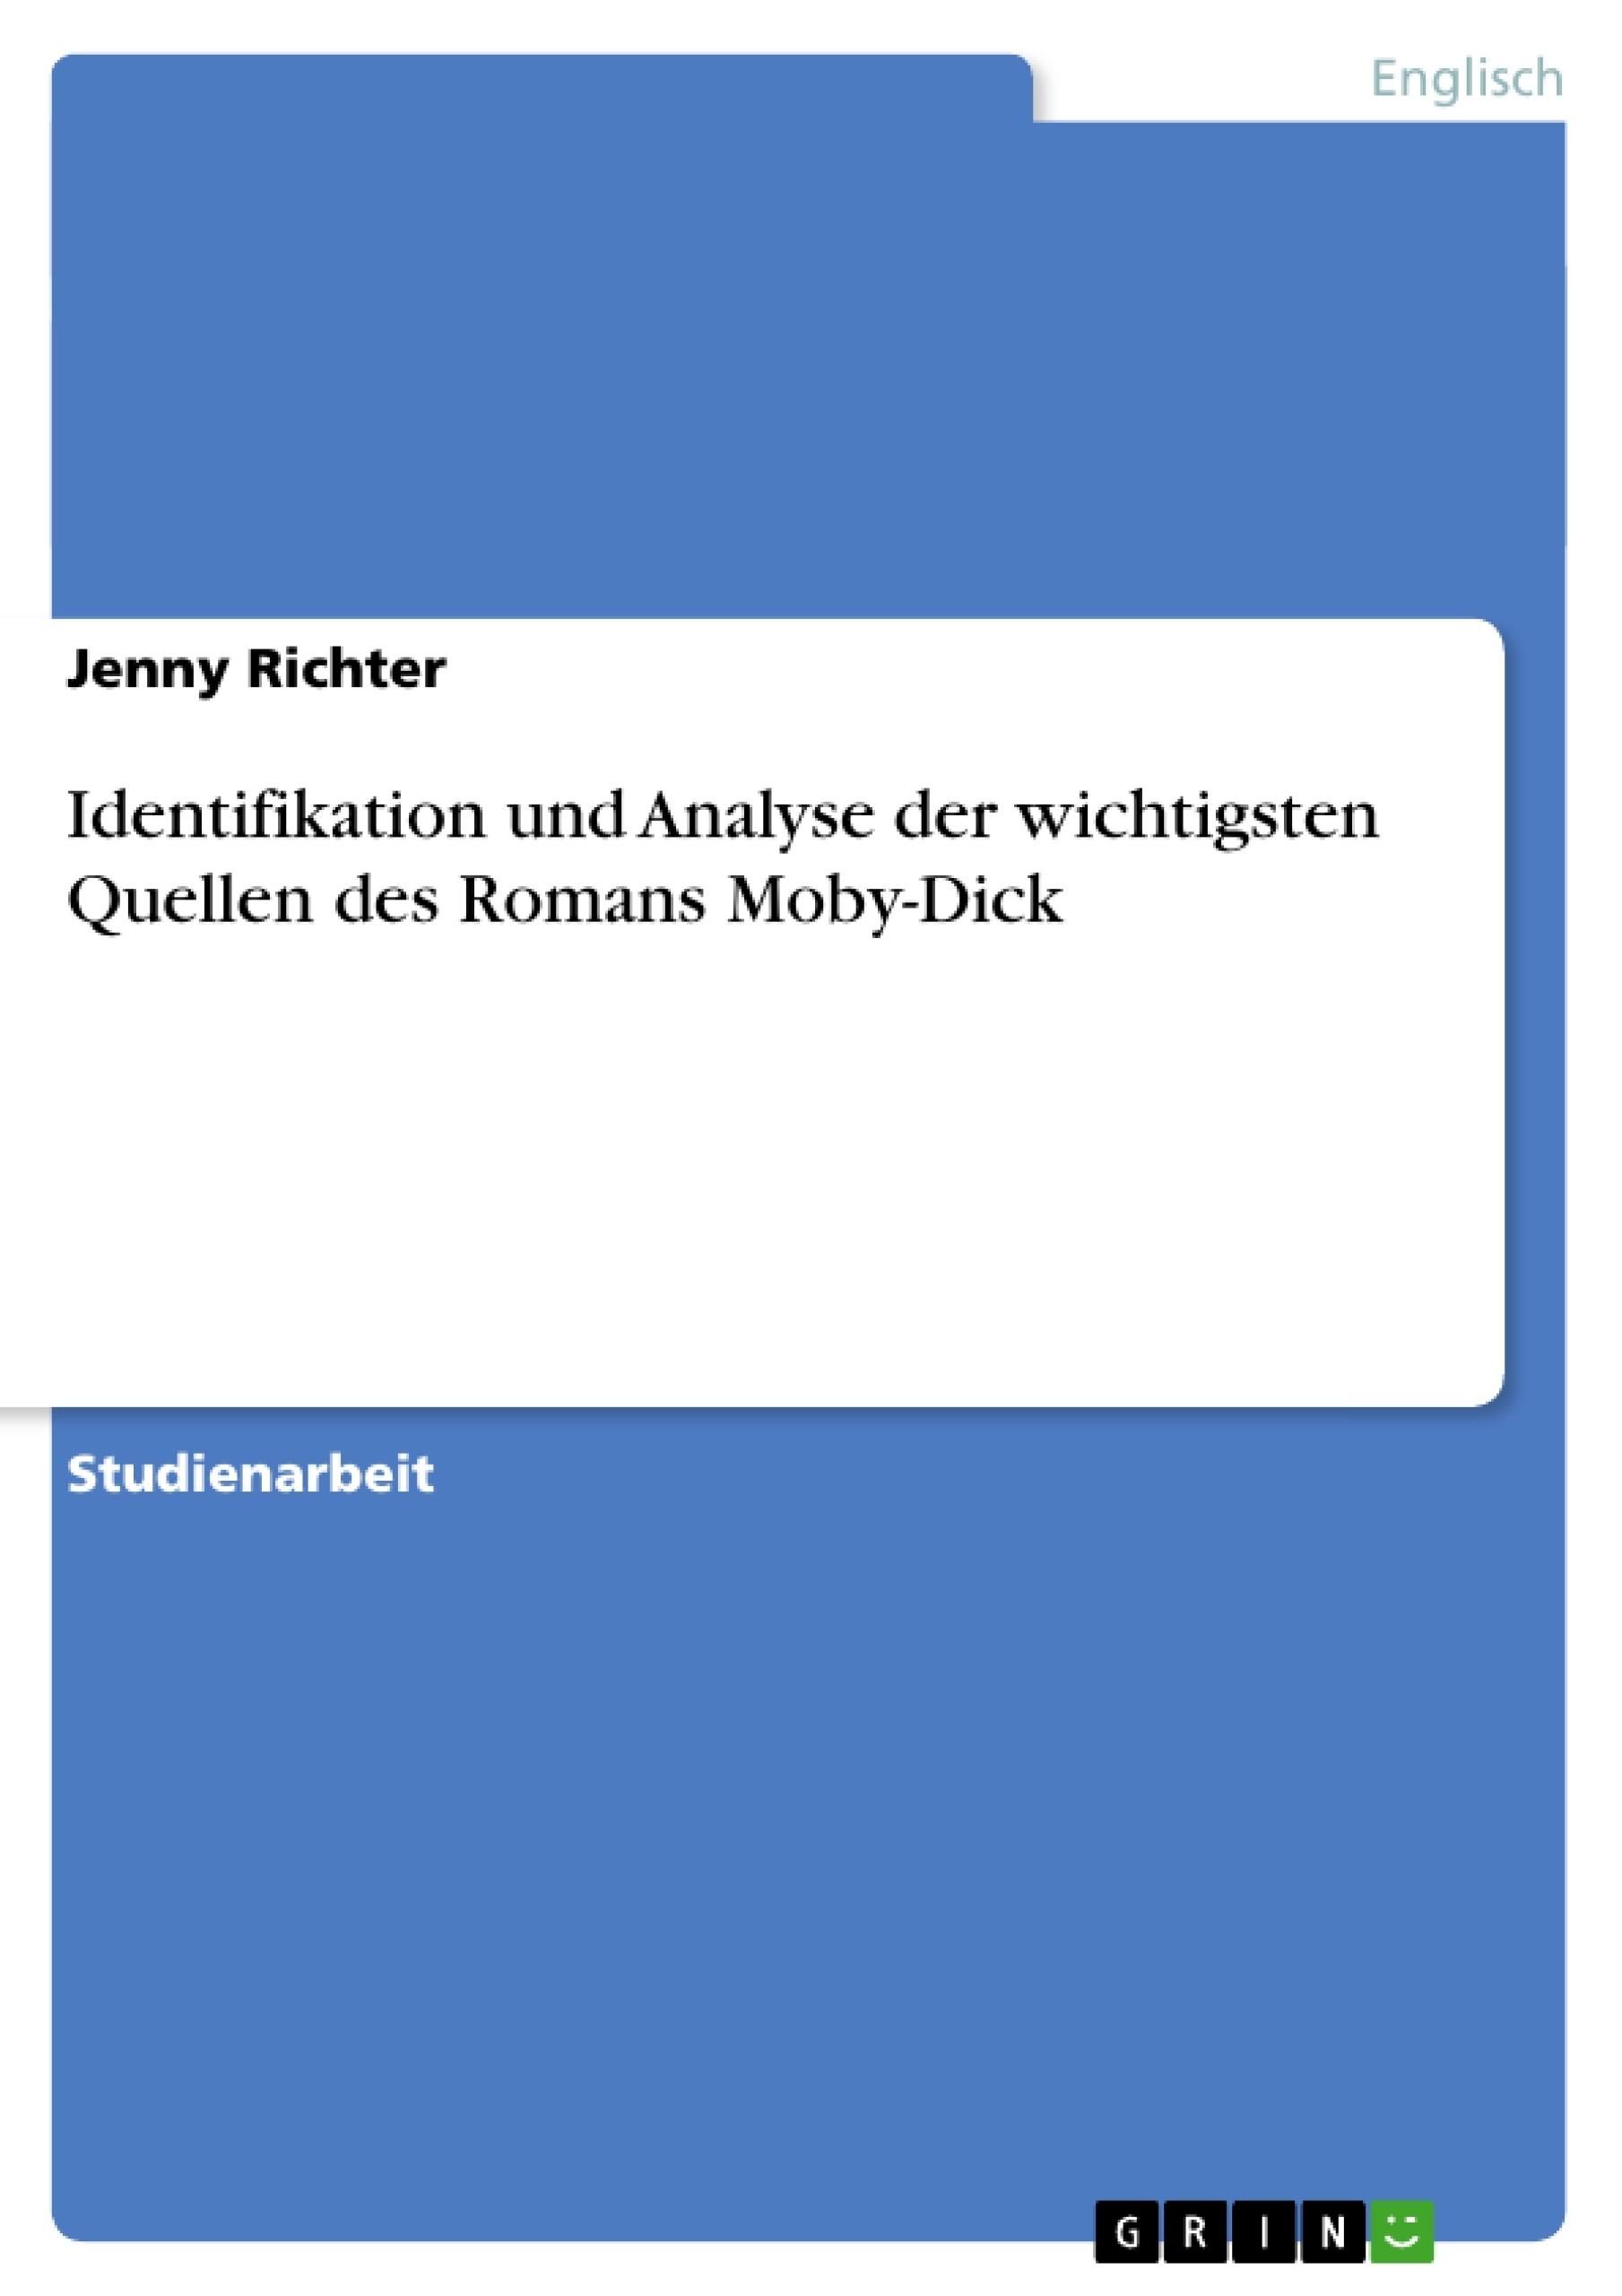 Titel: Identifikation und Analyse der wichtigsten Quellen des Romans Moby-Dick